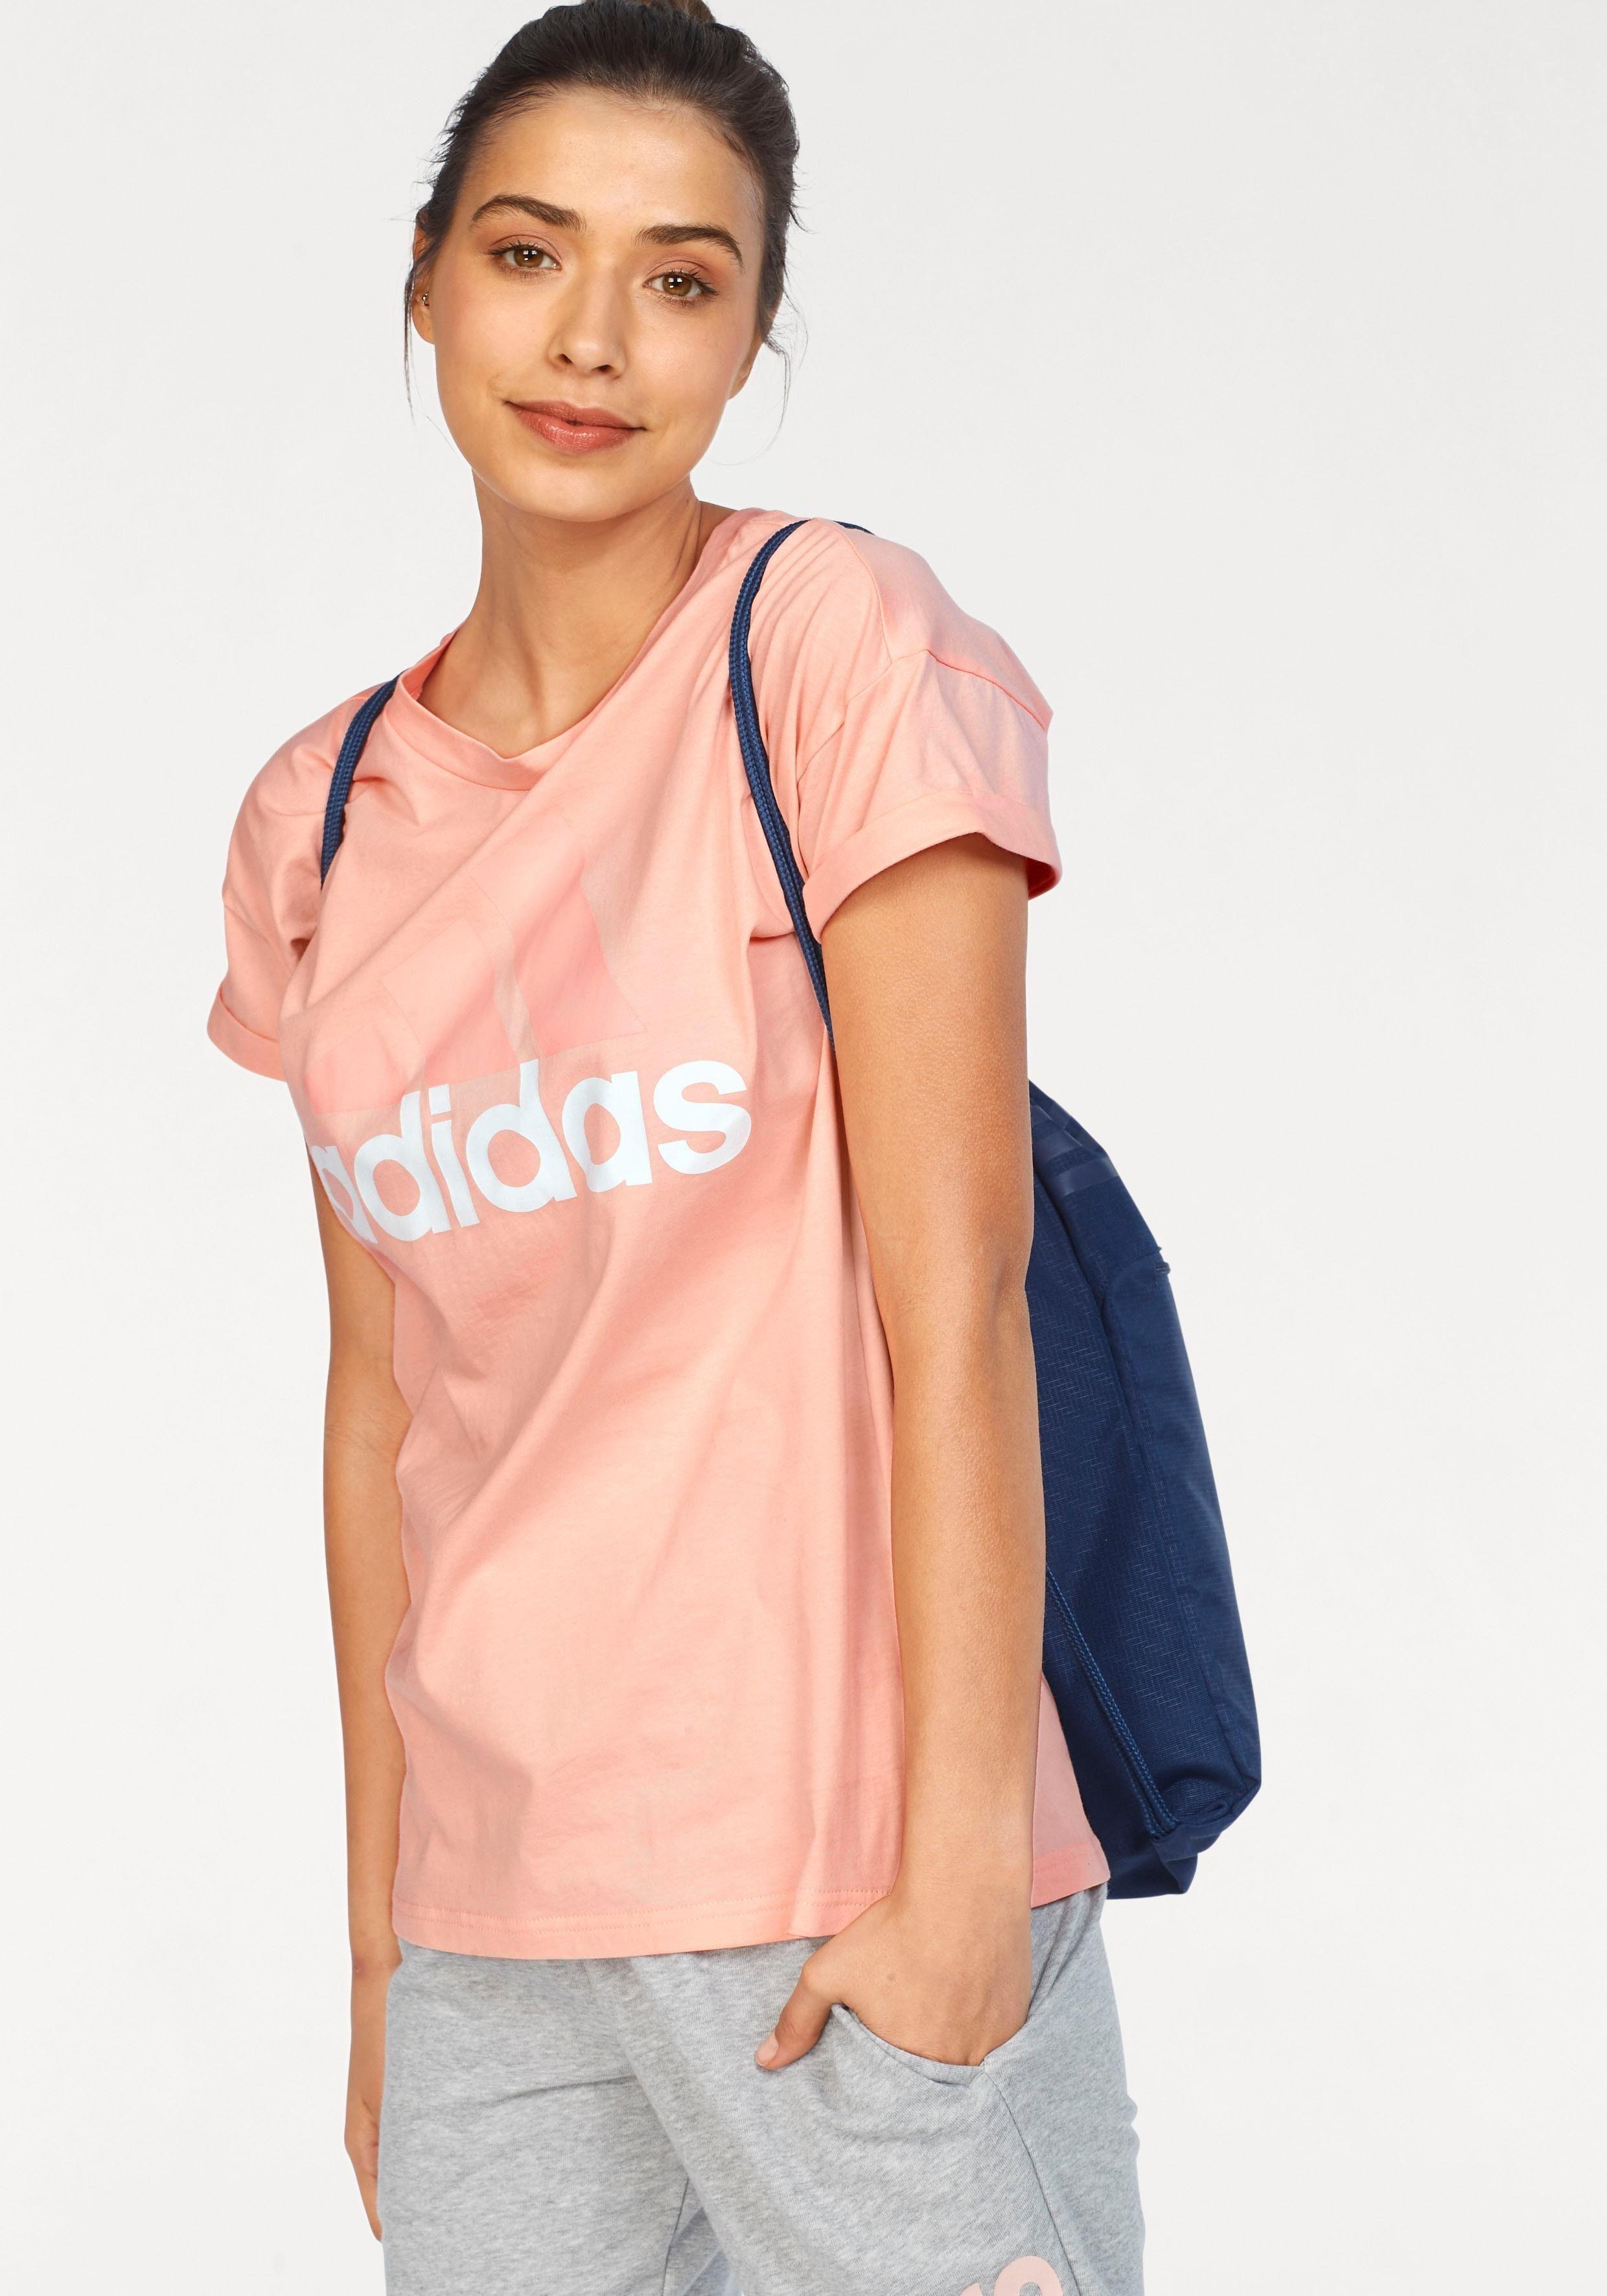 adidas Performance T Shirt »ESSENTIALS LINEAR LOOSE TEE« auch in großen Größen online kaufen | OTTO